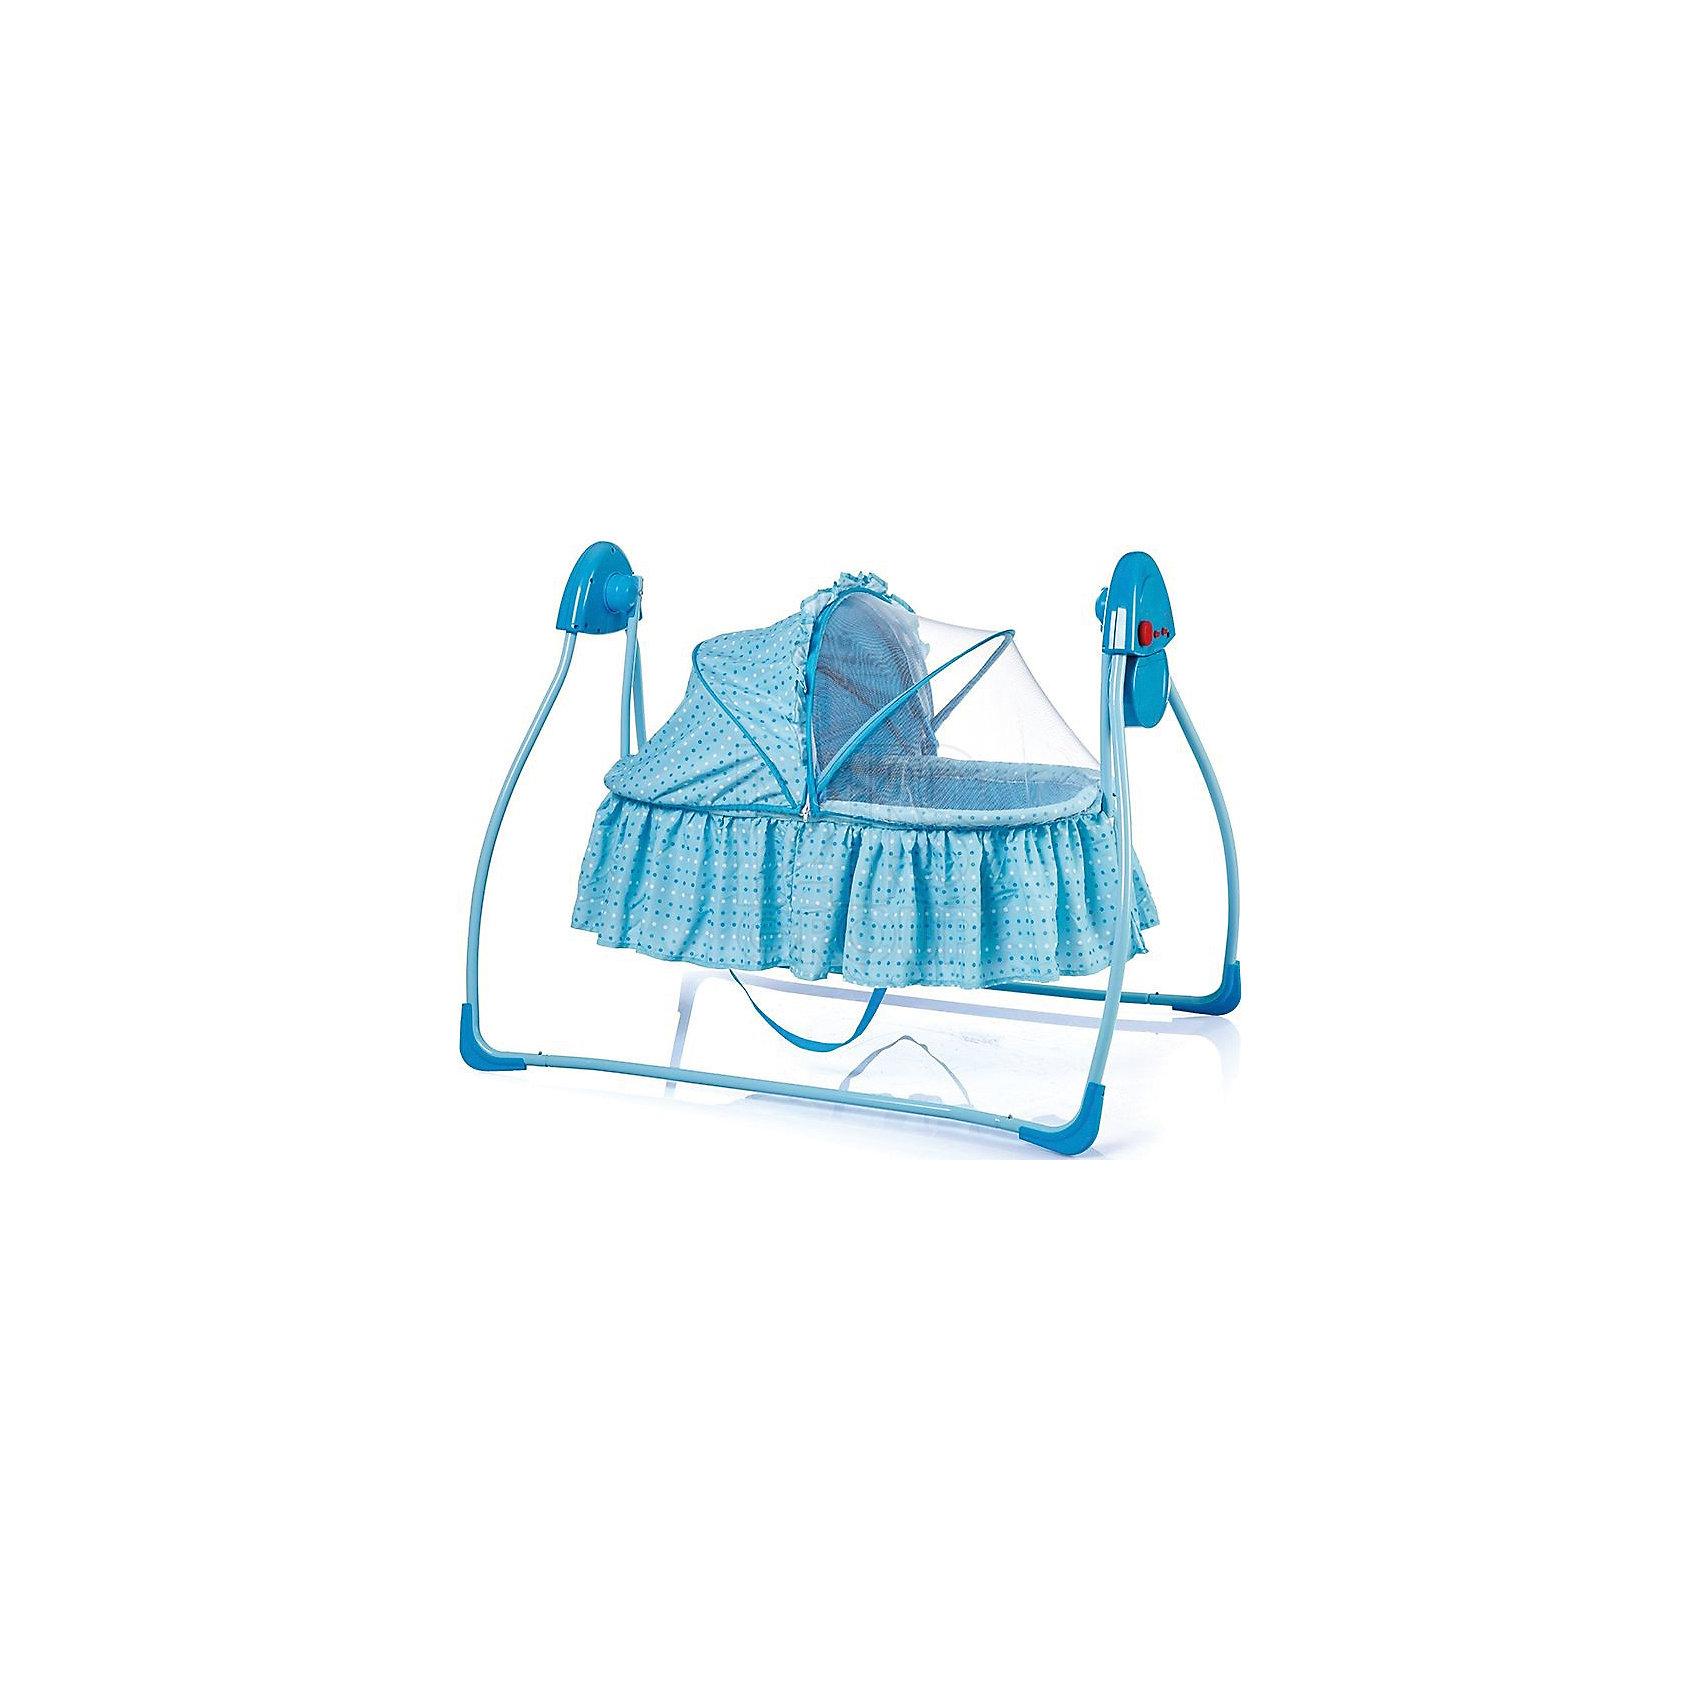 Электрокачели CULLA, Bambola, голубой